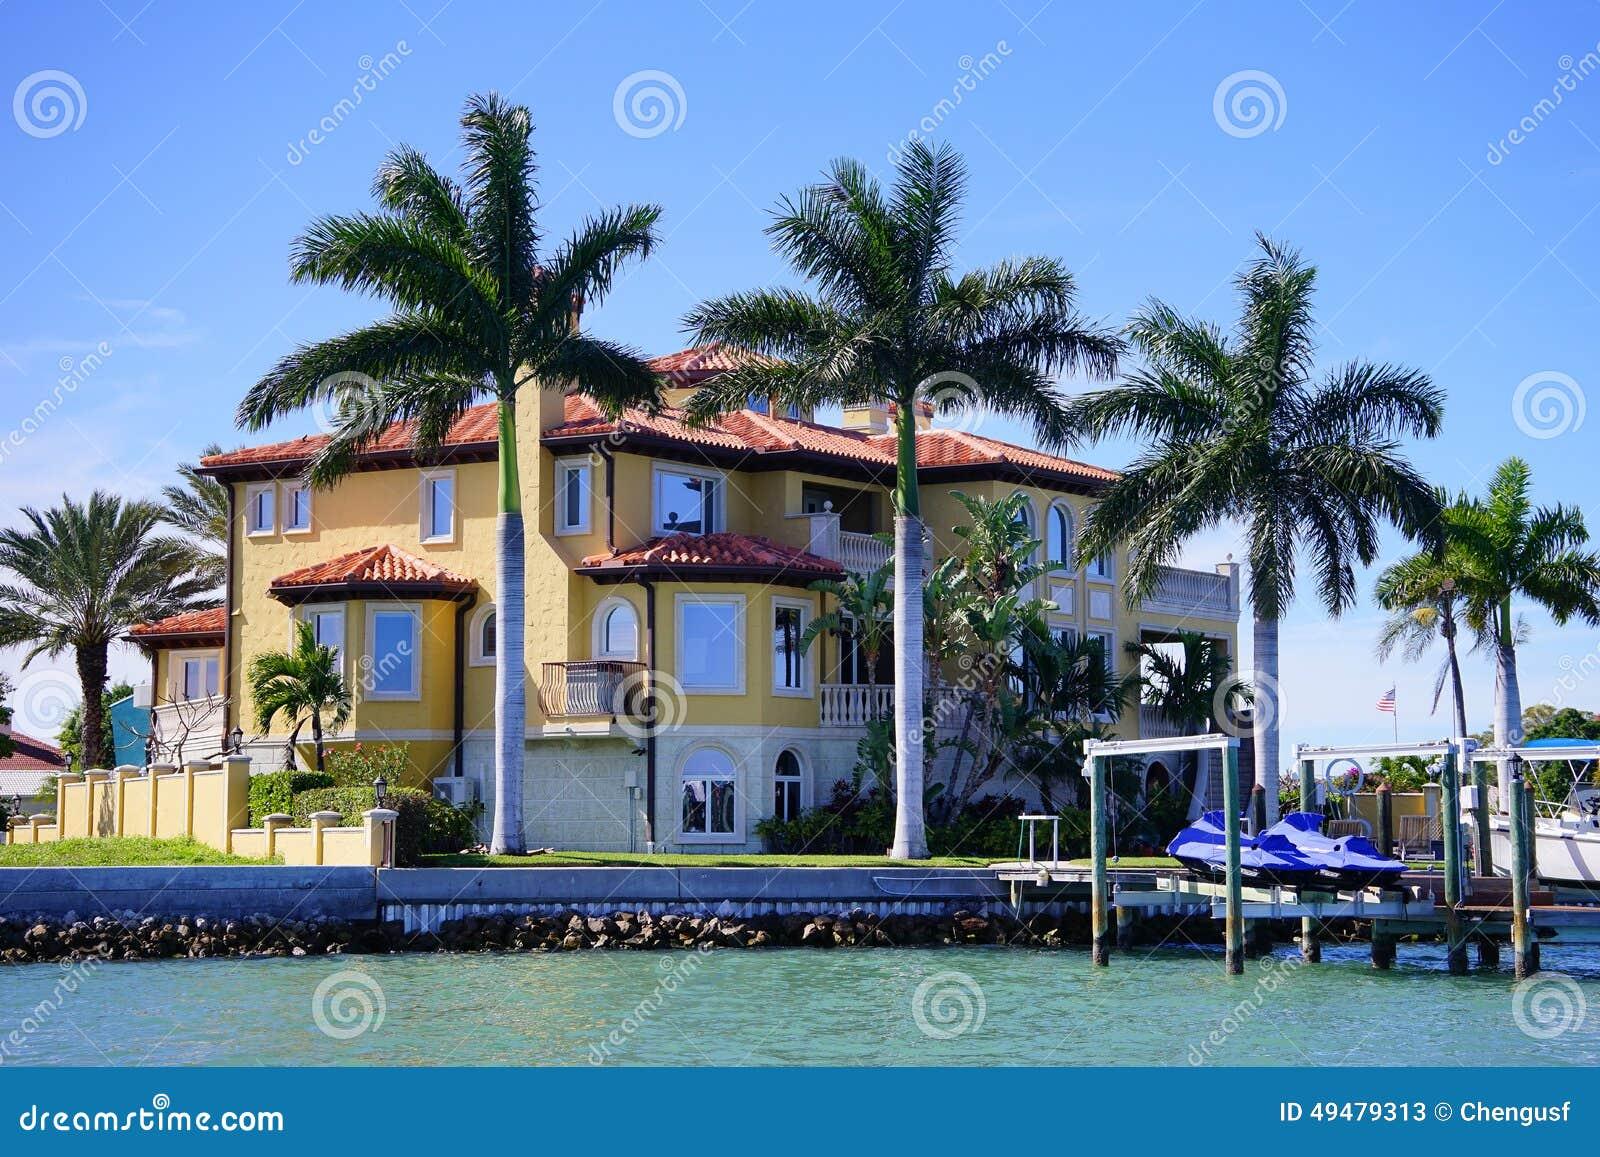 a别墅海滨别墅全景有小船船坞的在坦帕湾,佛罗里达.黄山桃花源别墅二期图片